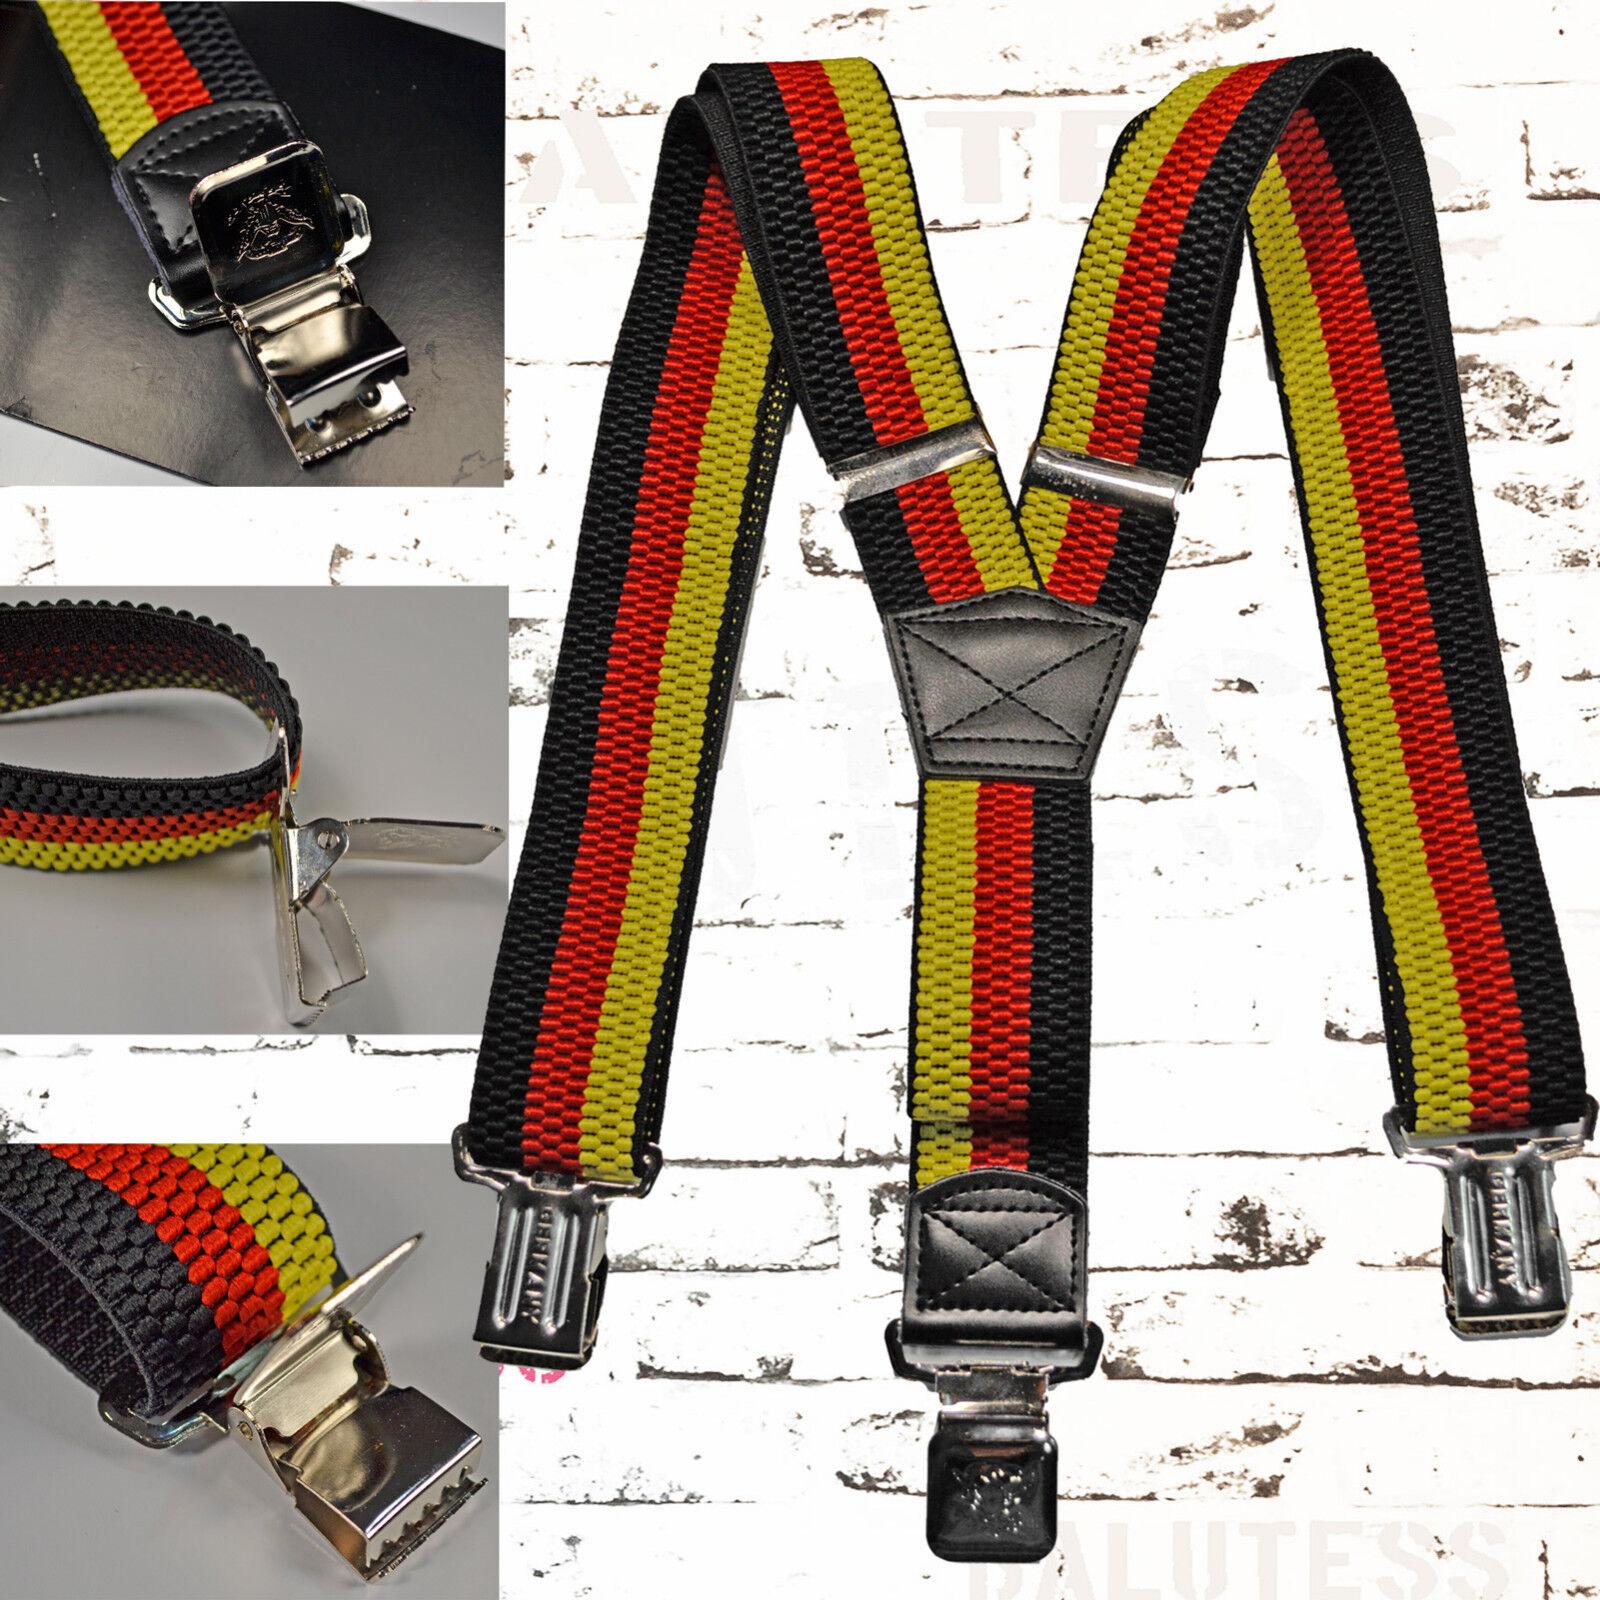 Einfarbige Hosenträger mit 3 starken Clips,verstellbar,NEU,Uni Farben,NEU,robust